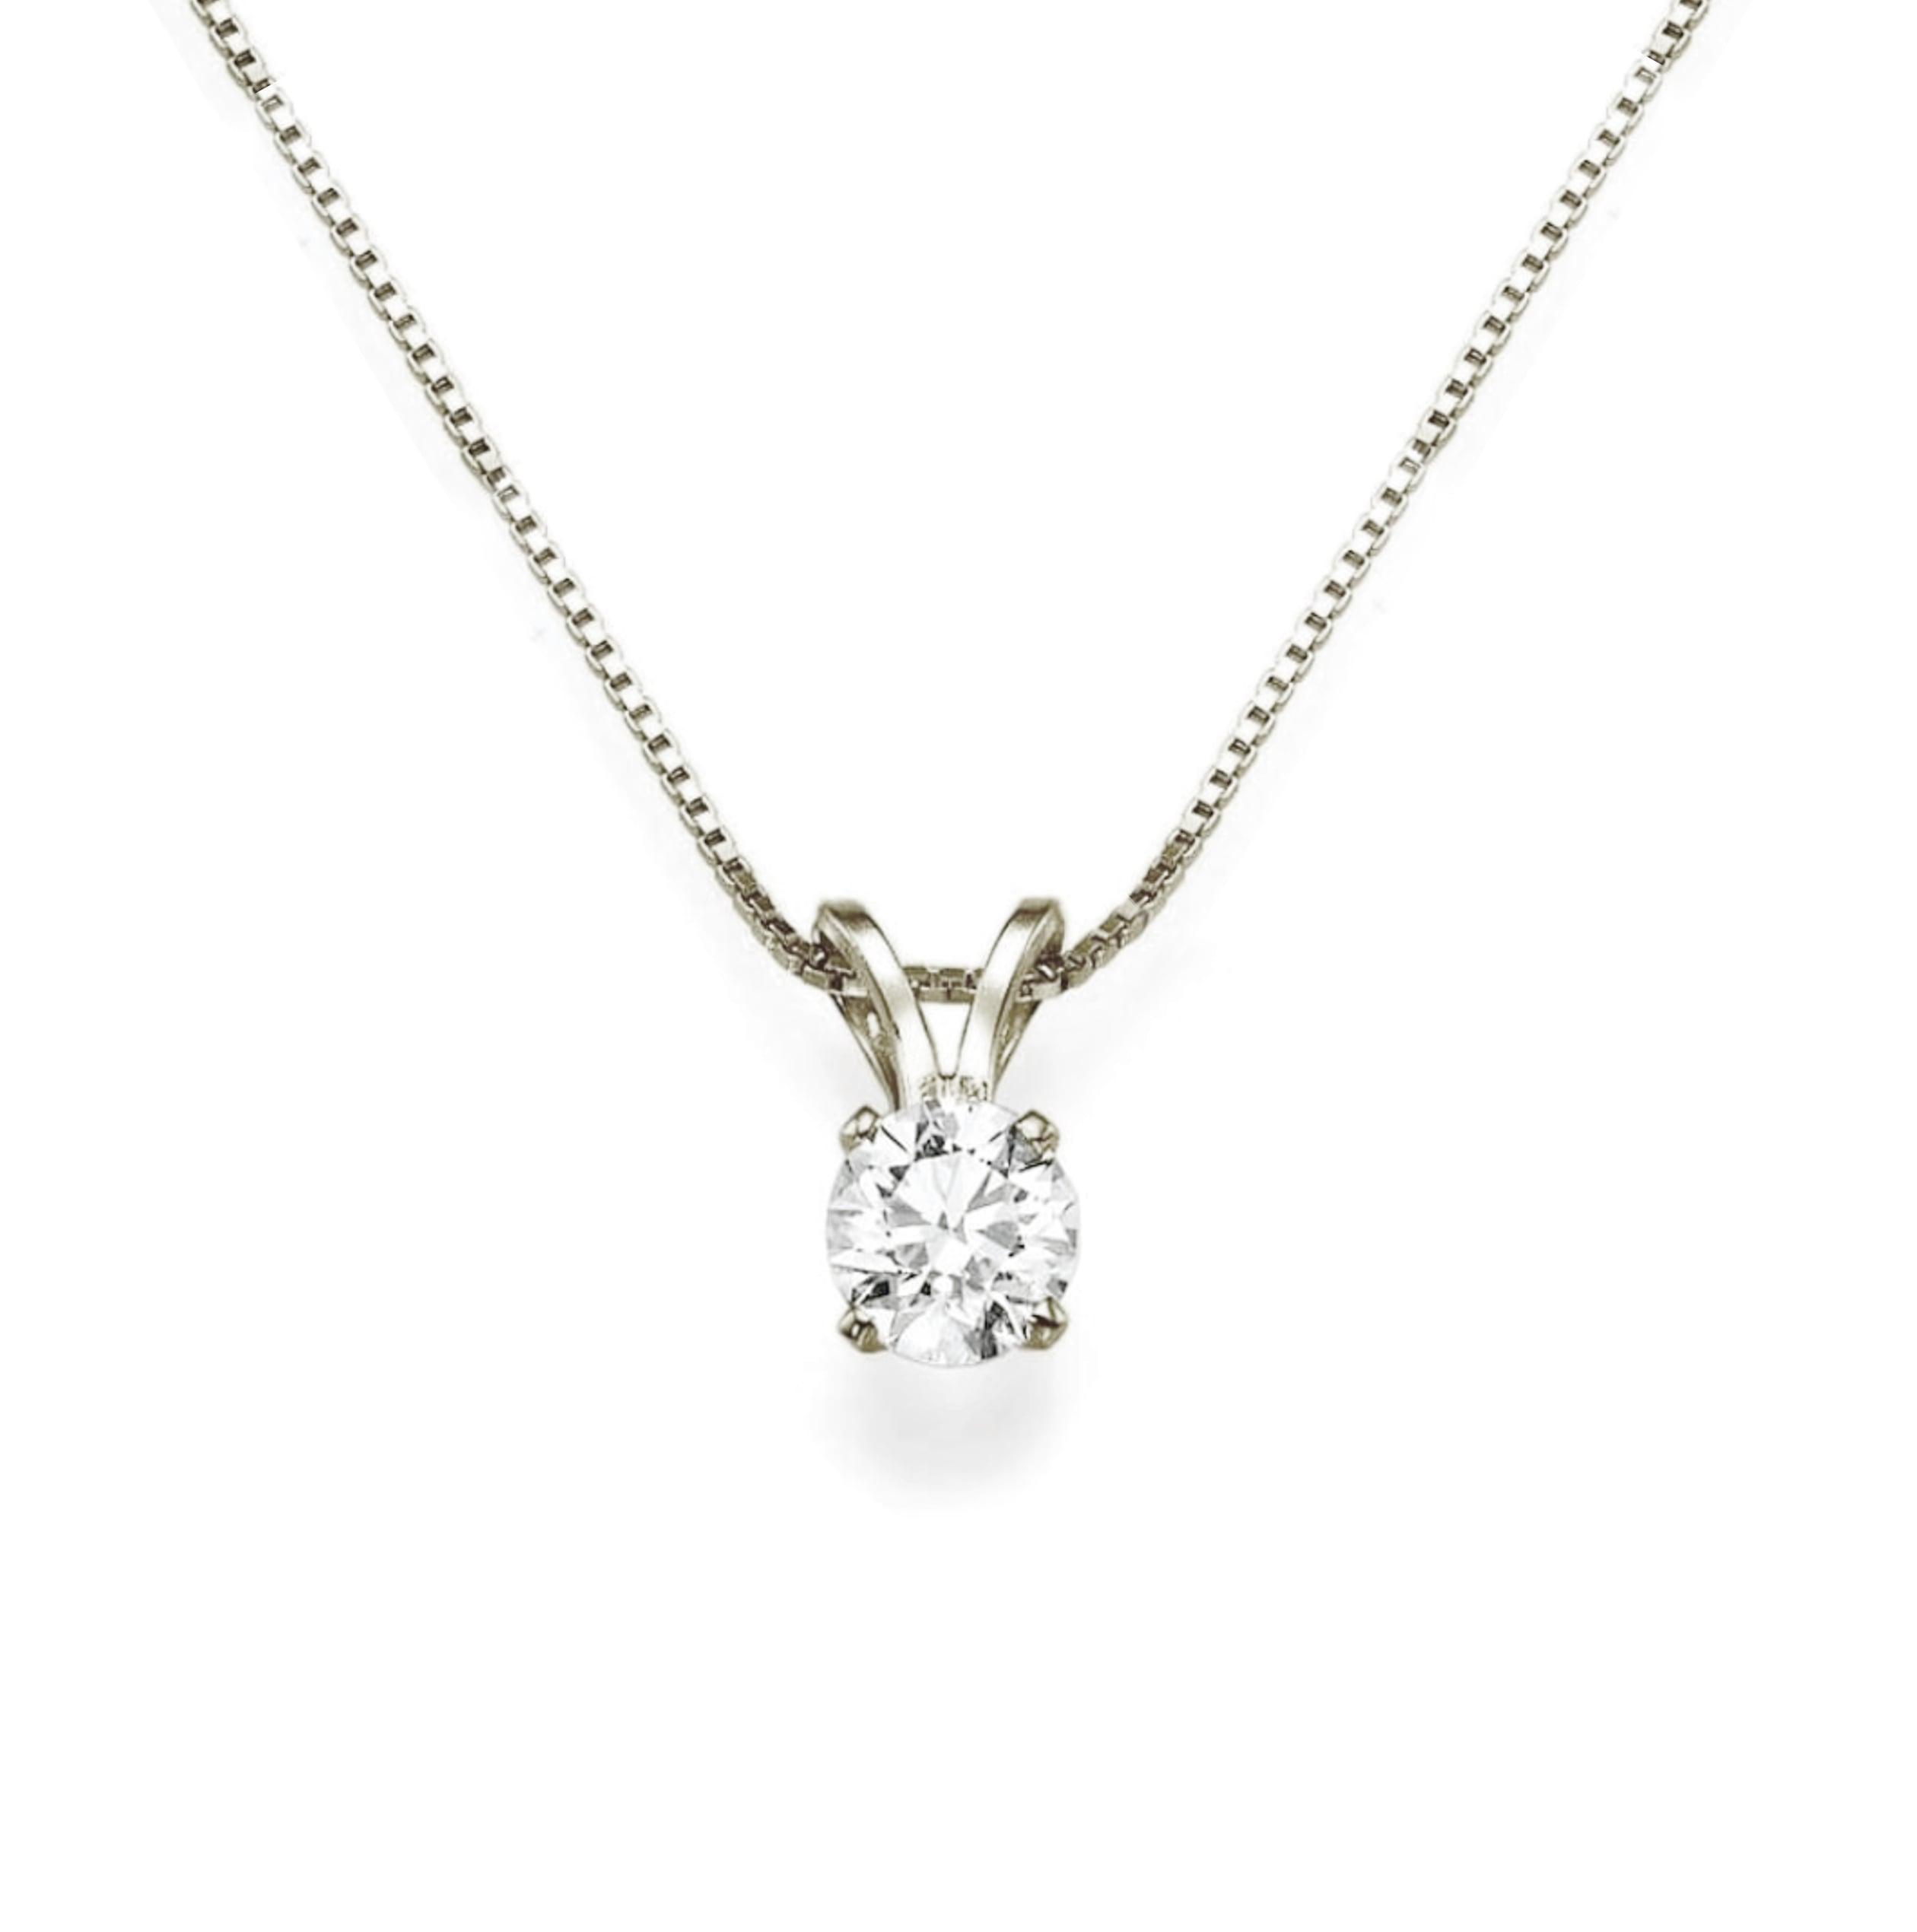 שרשרת יהלום עגול תליון יהלום שרשרת יהלום בסגנון סוליטר(בודד) 0.25 קראט בזהב 14 קאראט